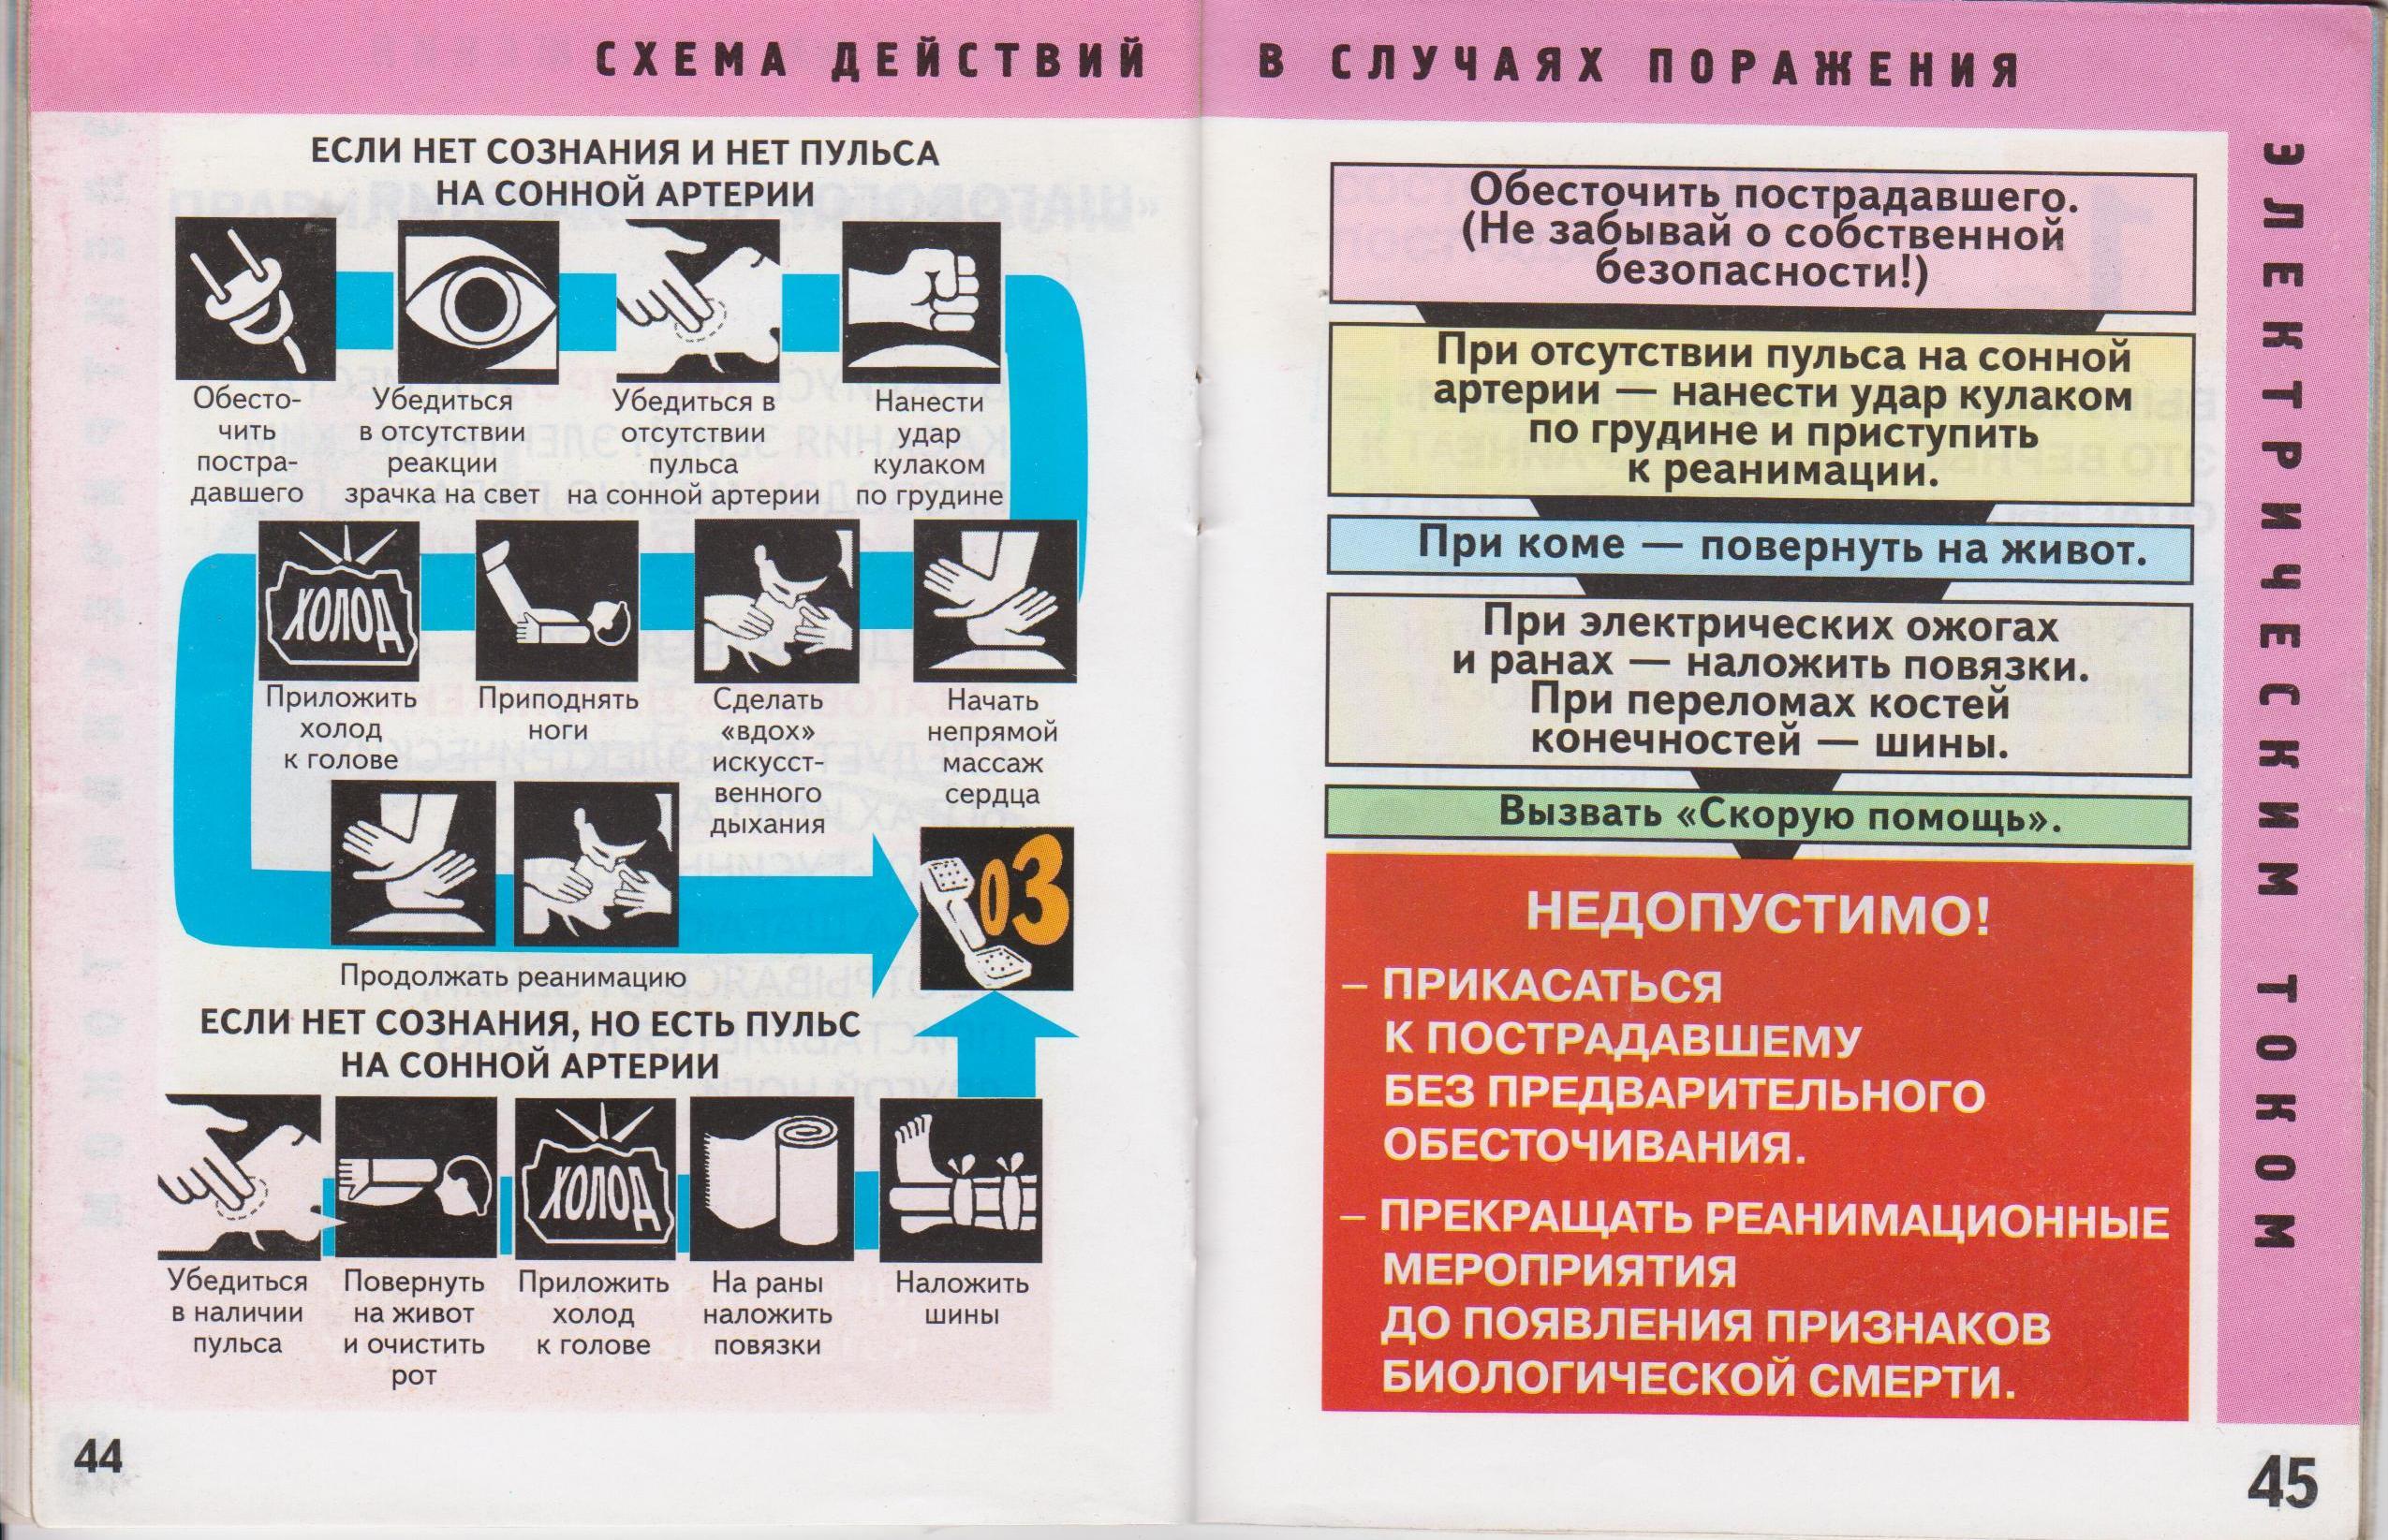 Оказание доврачебной помощи инструкция с картинками